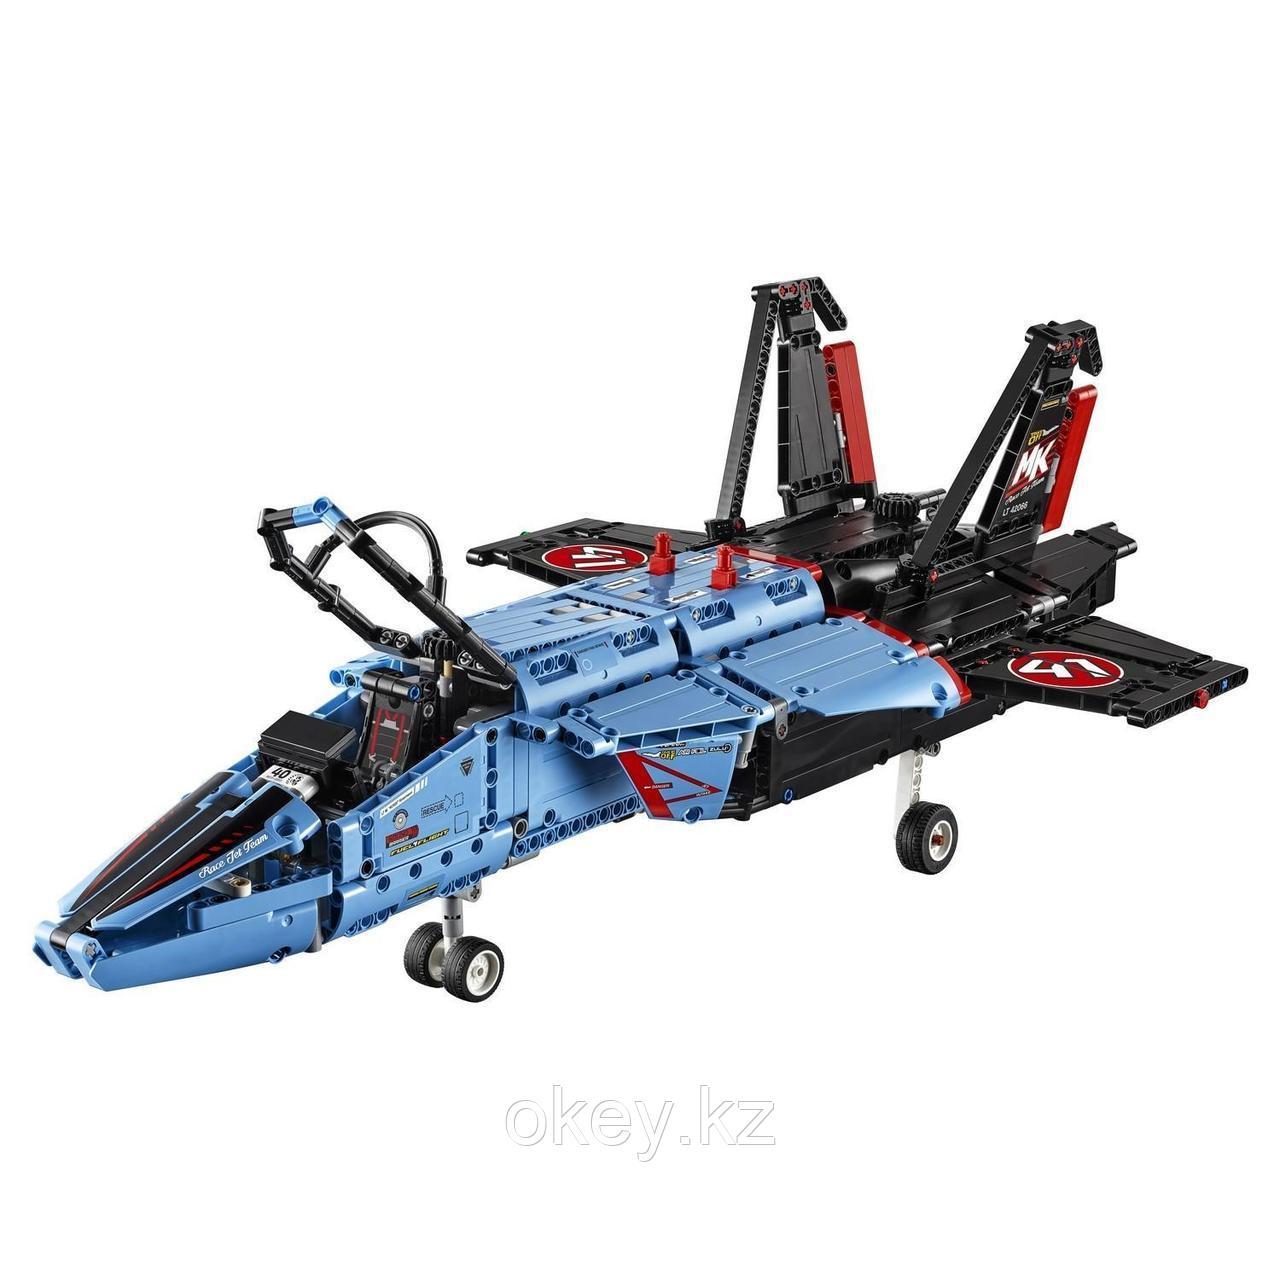 LEGO Technic: Сверхзвуковой истребитель 42066 - фото 5